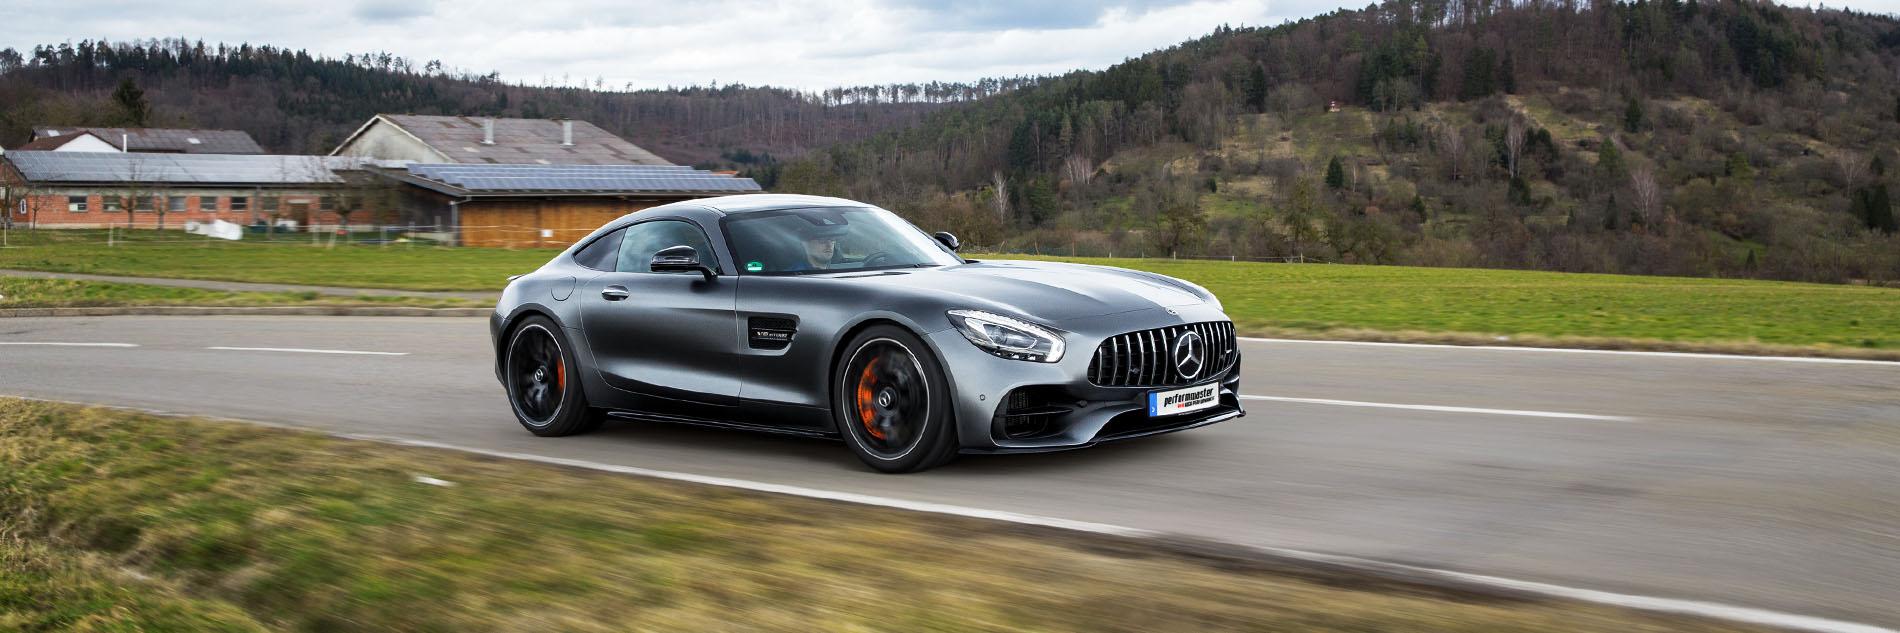 Tuning für Mercedes AMG GT GTS